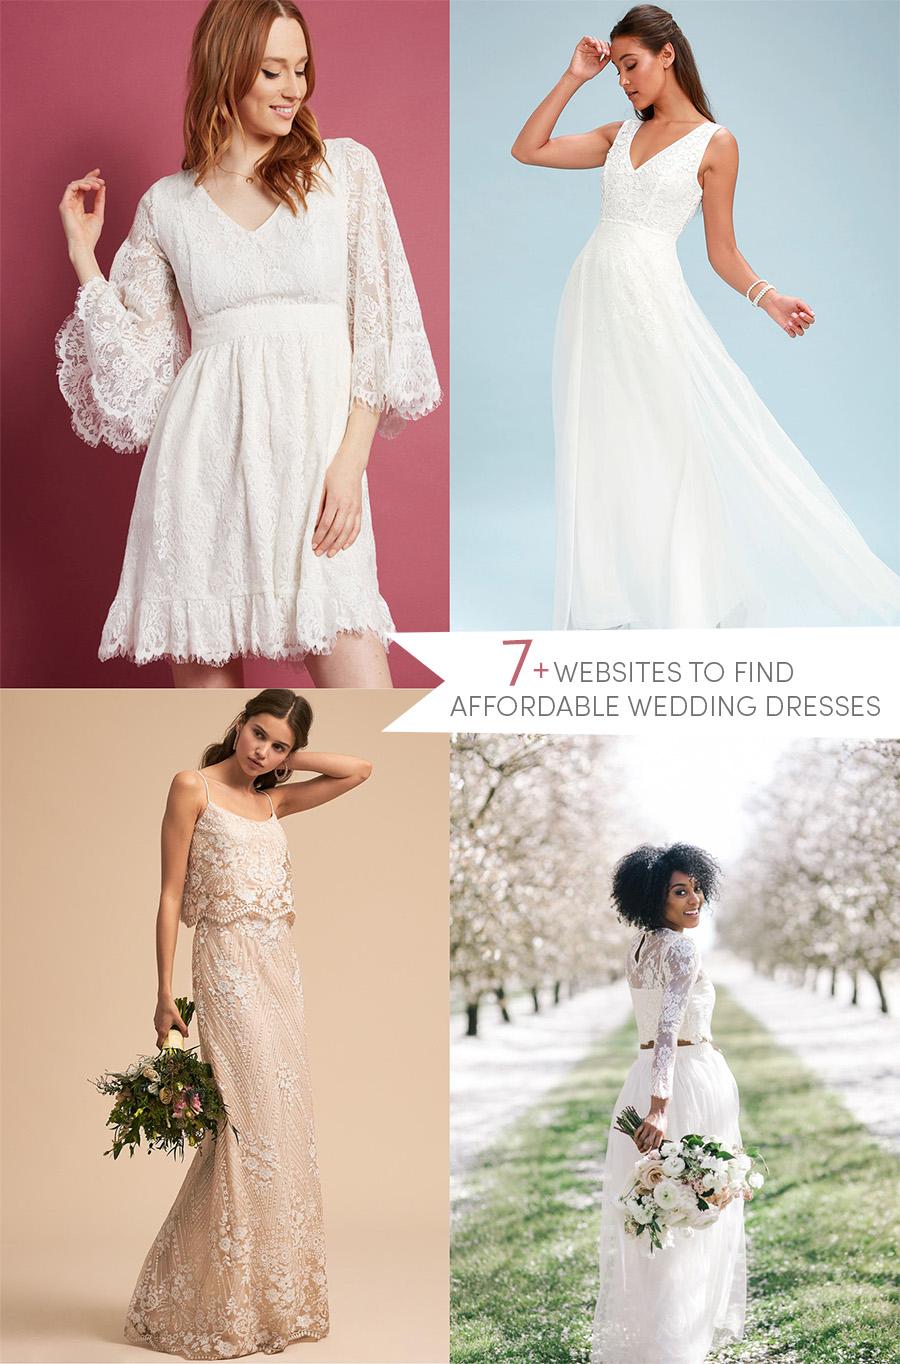 7+ websites to find affordable wedding dresses!